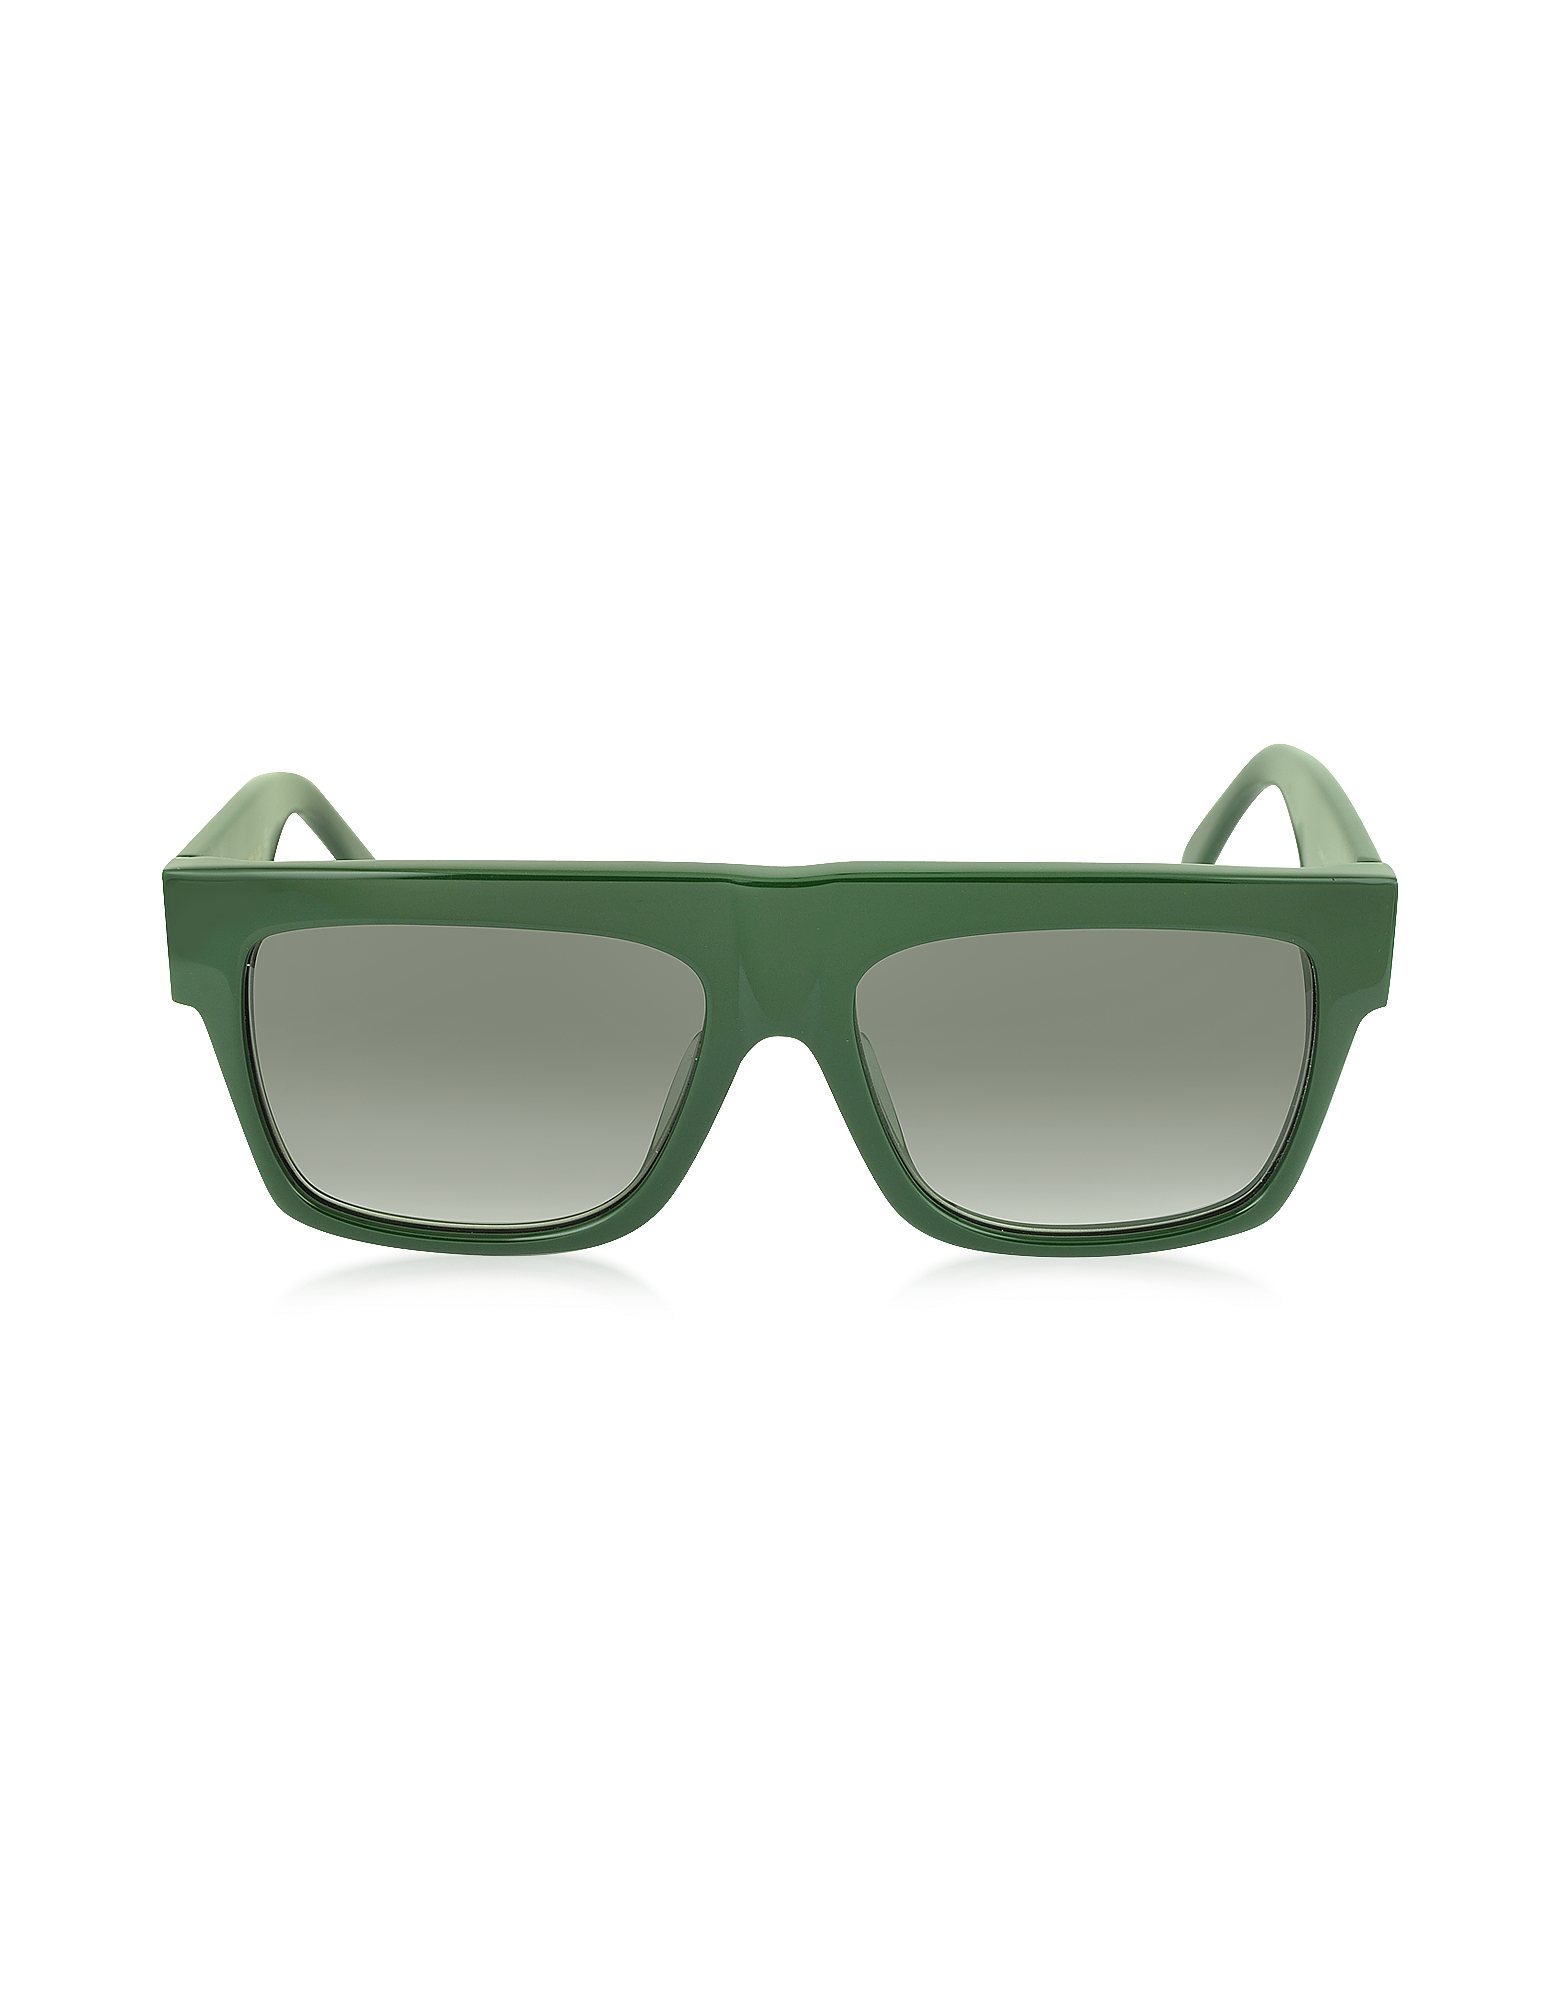 CL 41066/S - Зеленые Женские Солнечные Очки из Ацетата